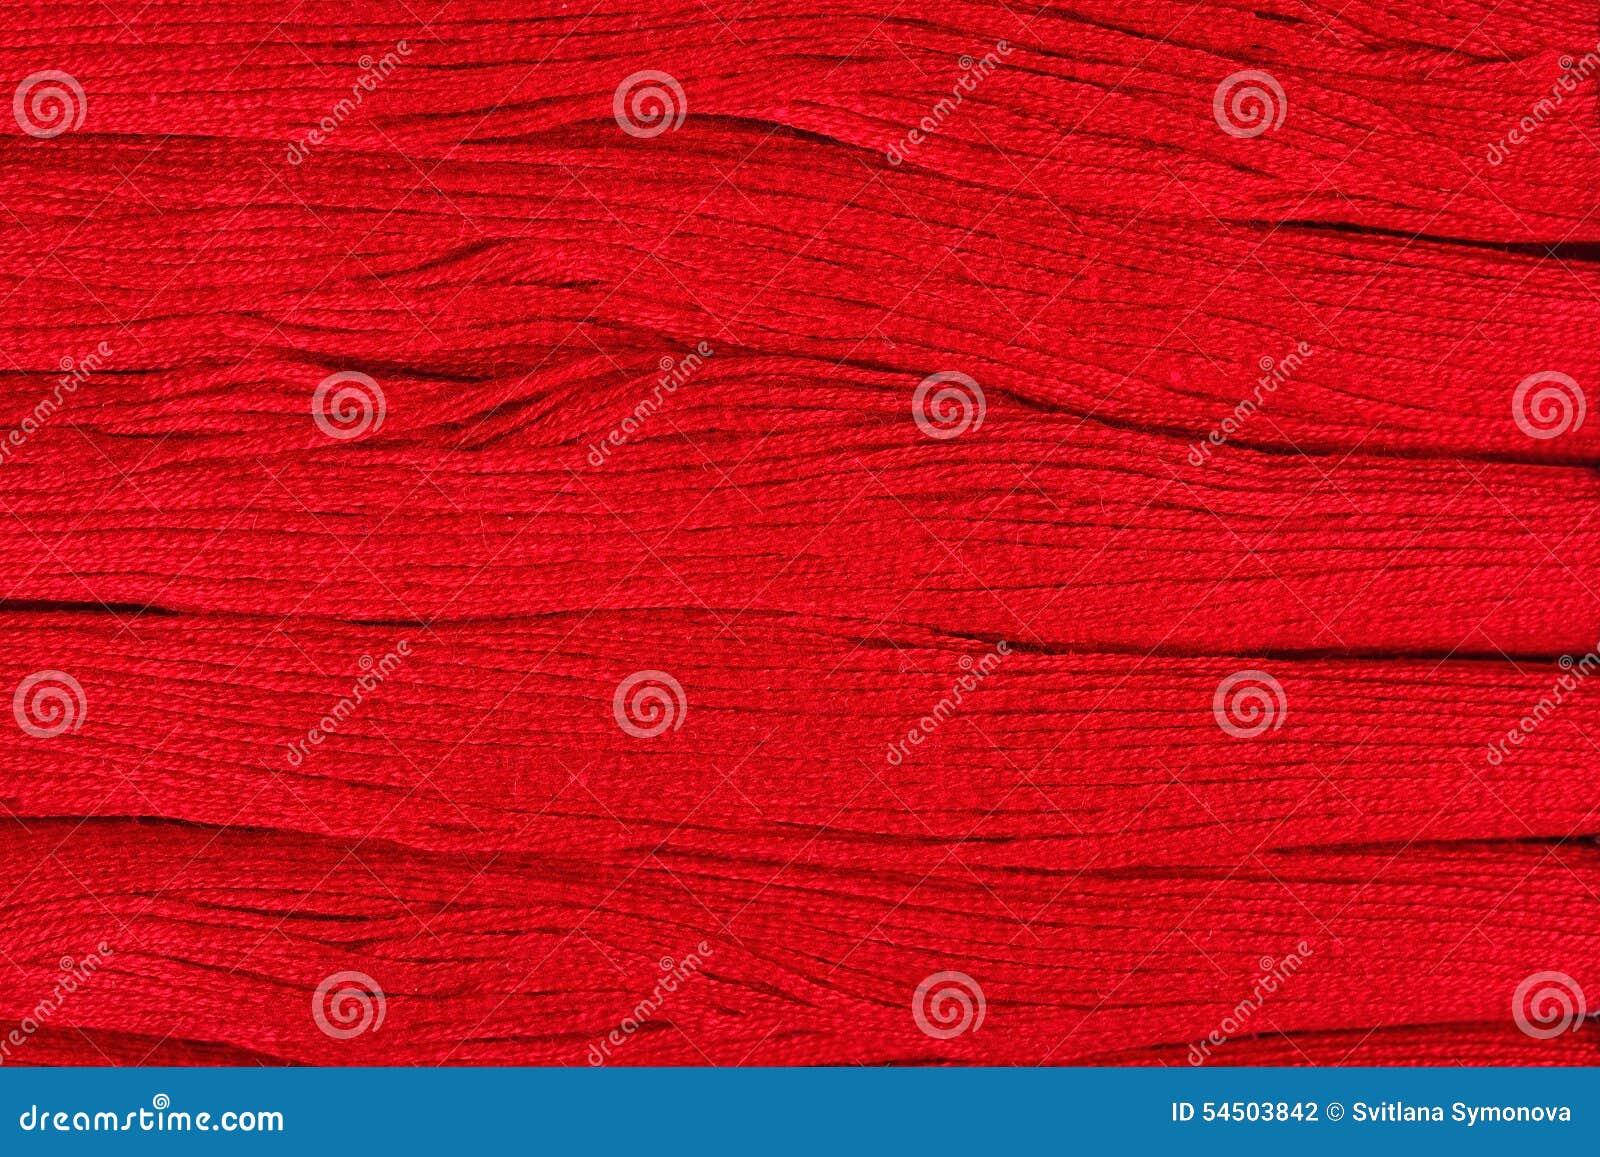 Fond rouge de soie de broderie